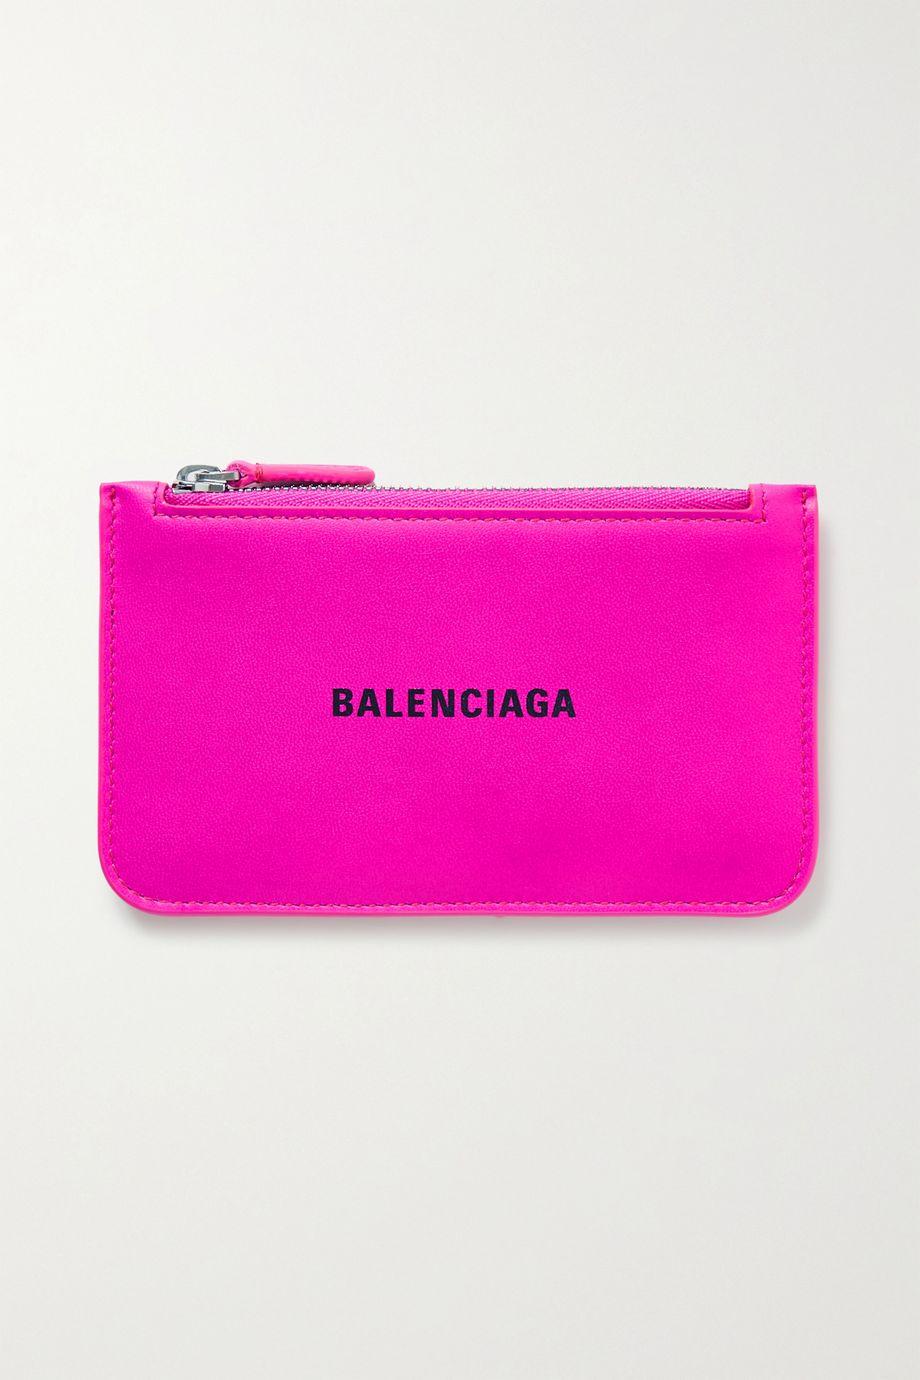 Balenciaga Portefeuille en cuir texturé fluo imprimé Cash